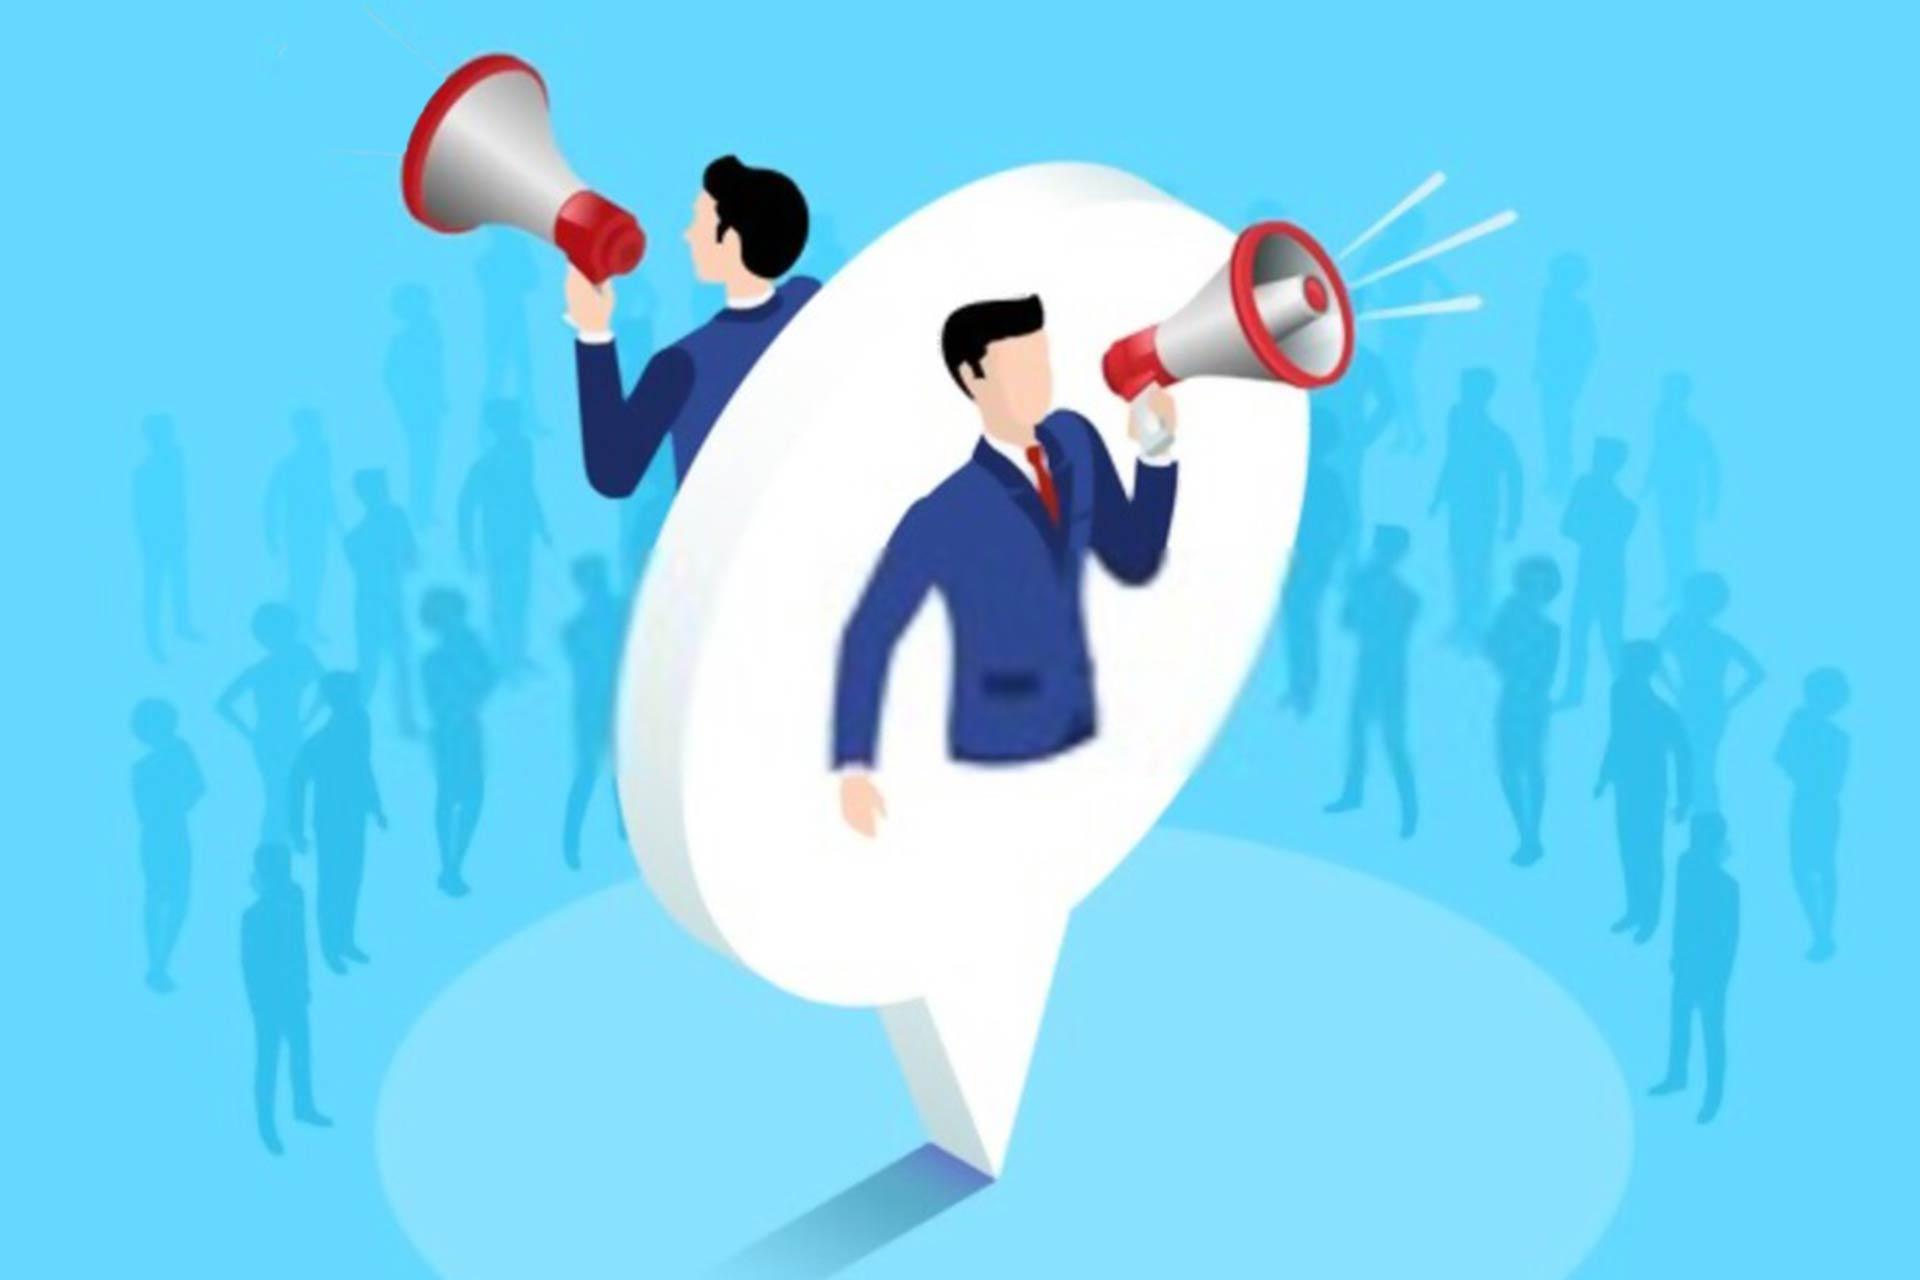 قدرت افراد درونگرا در سخنرانی